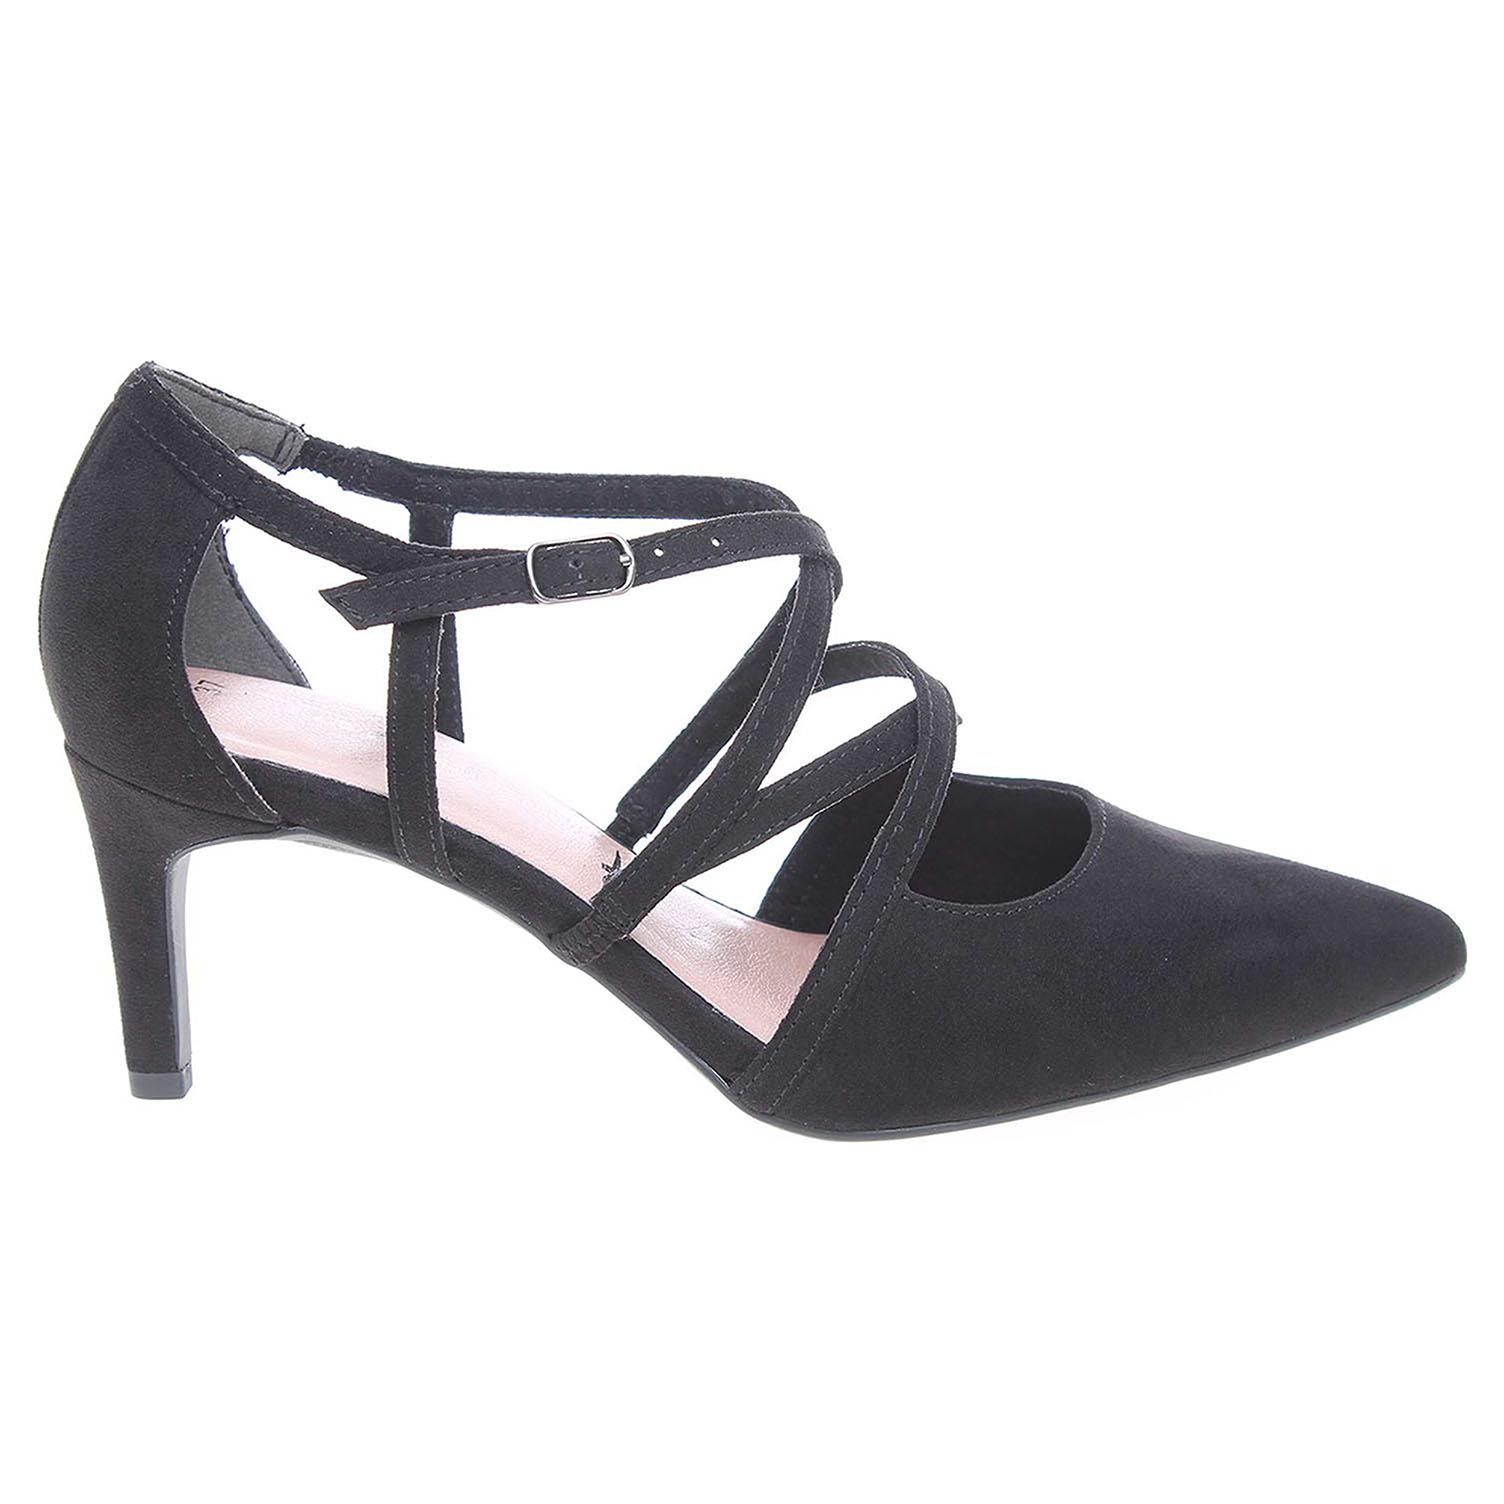 Ecco Tamaris dámská obuv 1-24400-28 černá 22800350